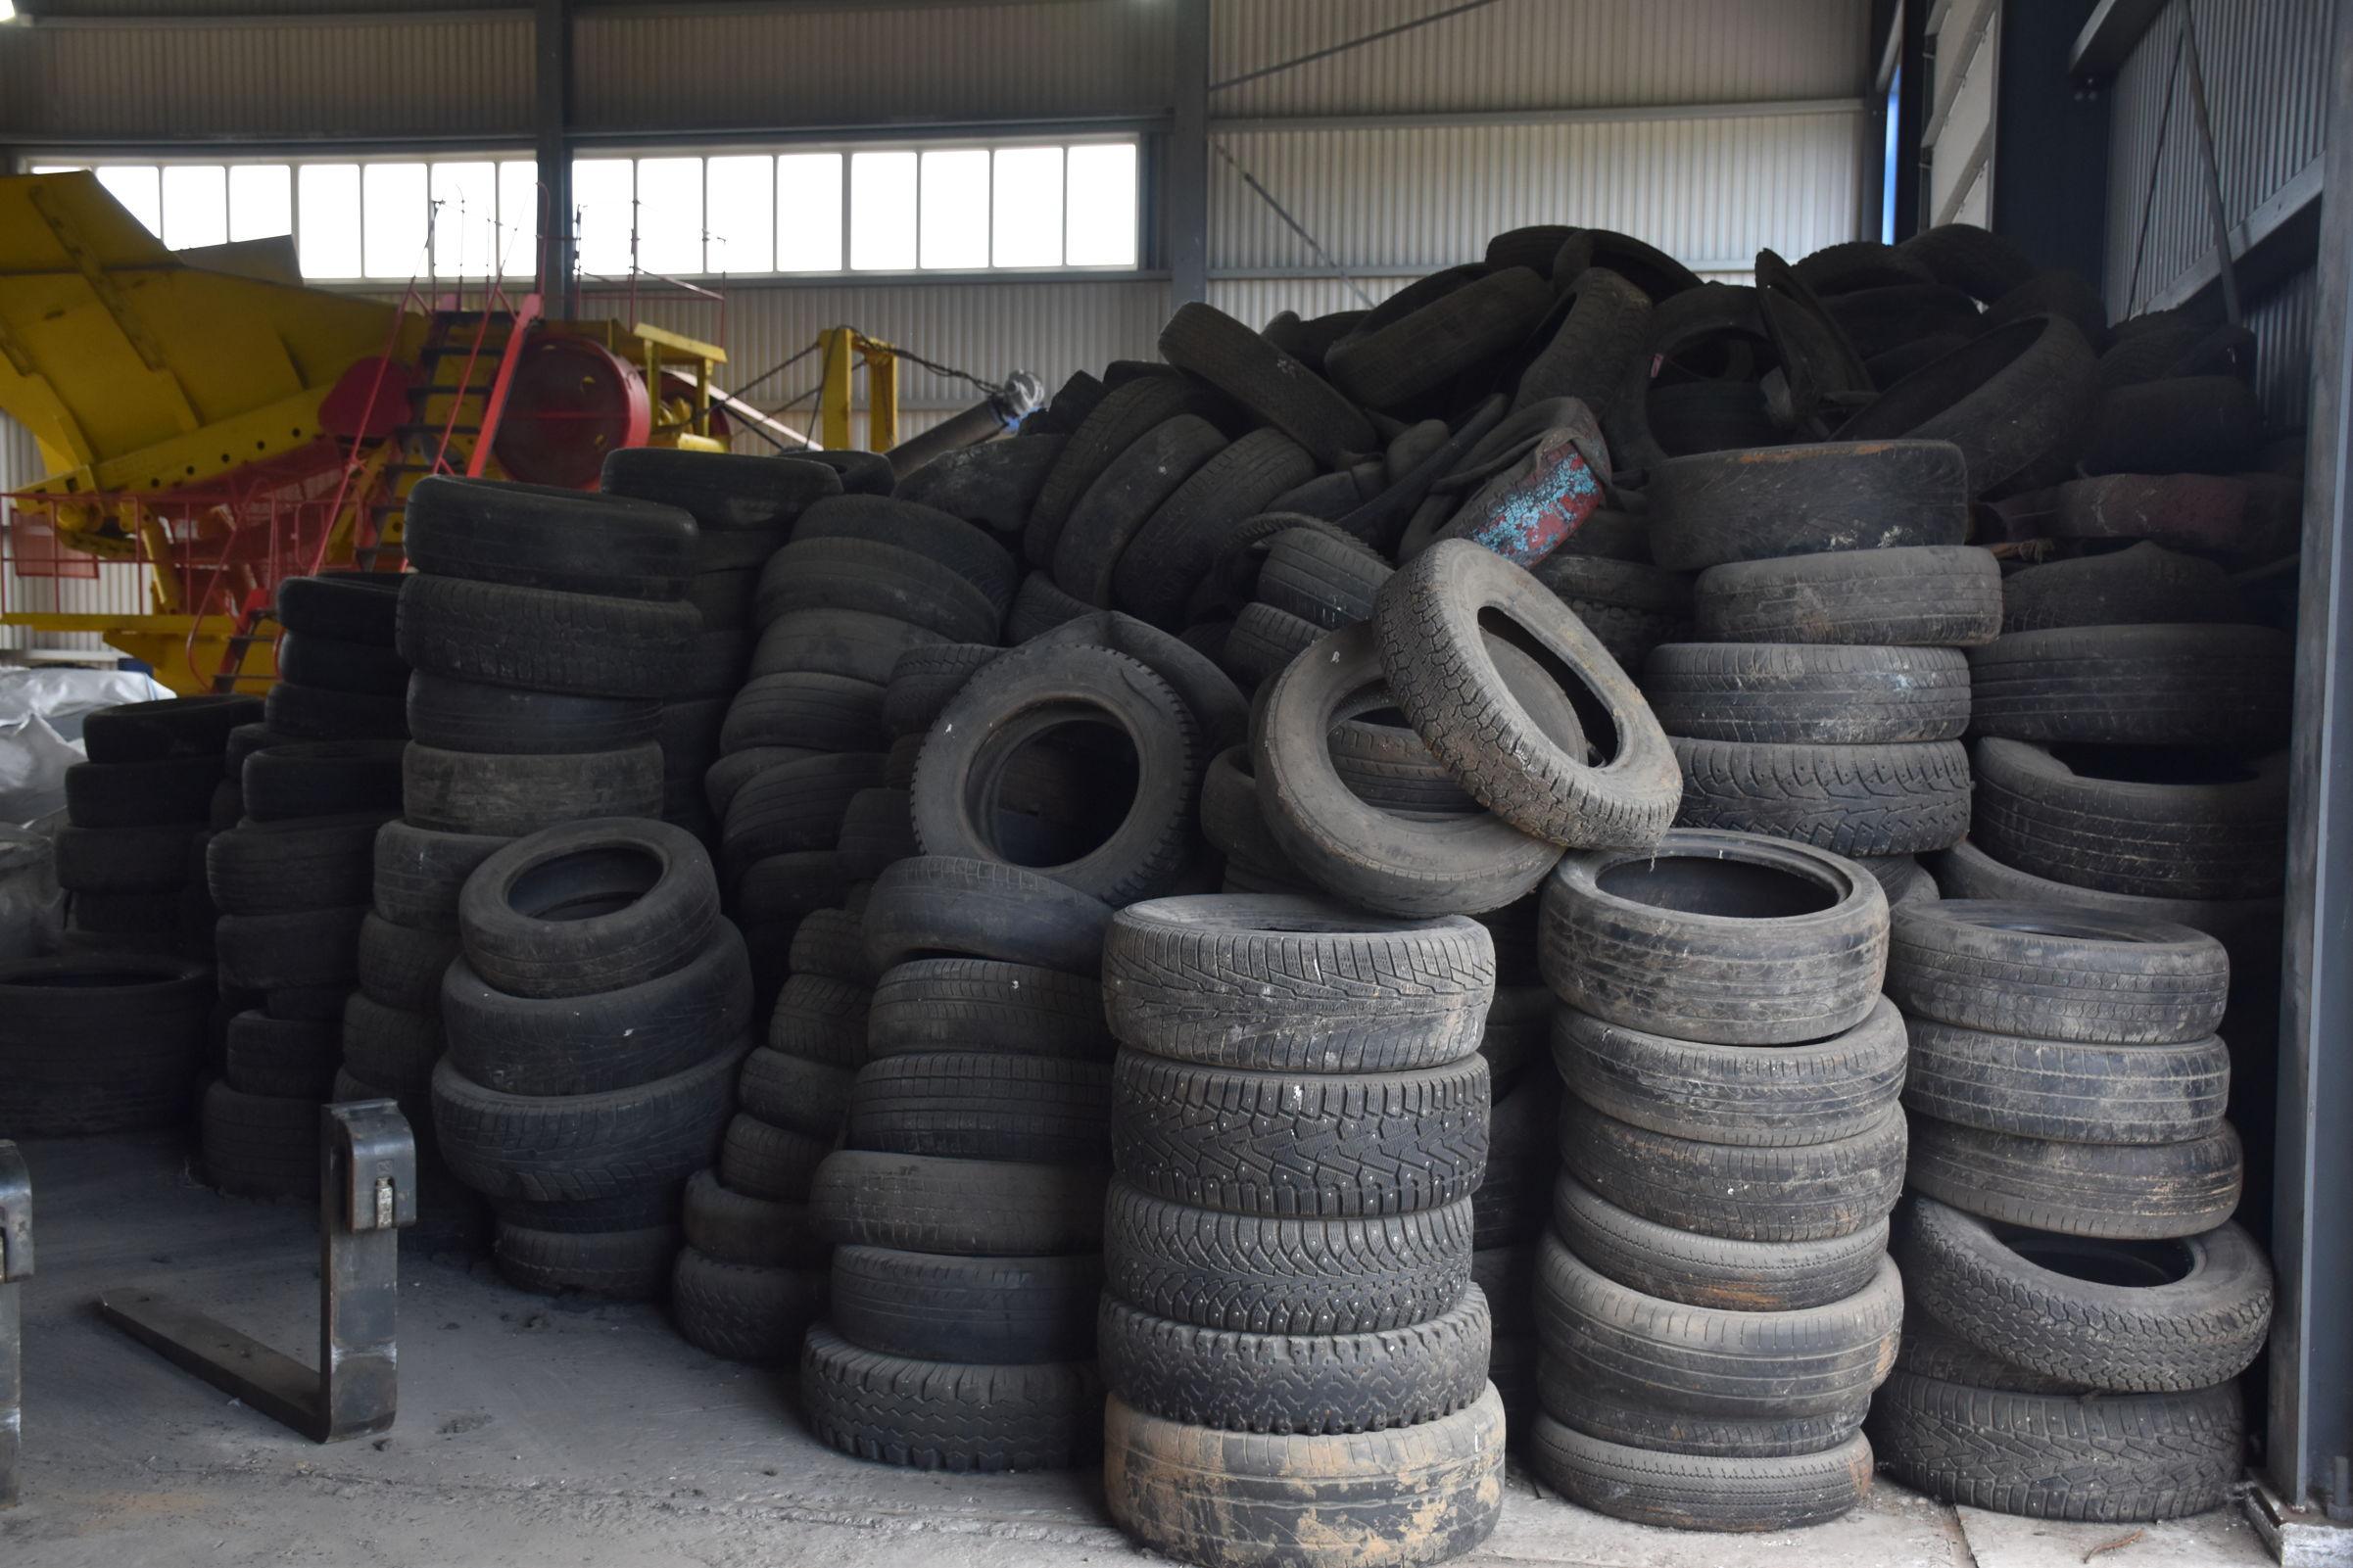 Ярославцы собрали более 20 тонн старых автопокрышек для переработки в рамках природоохранной акции